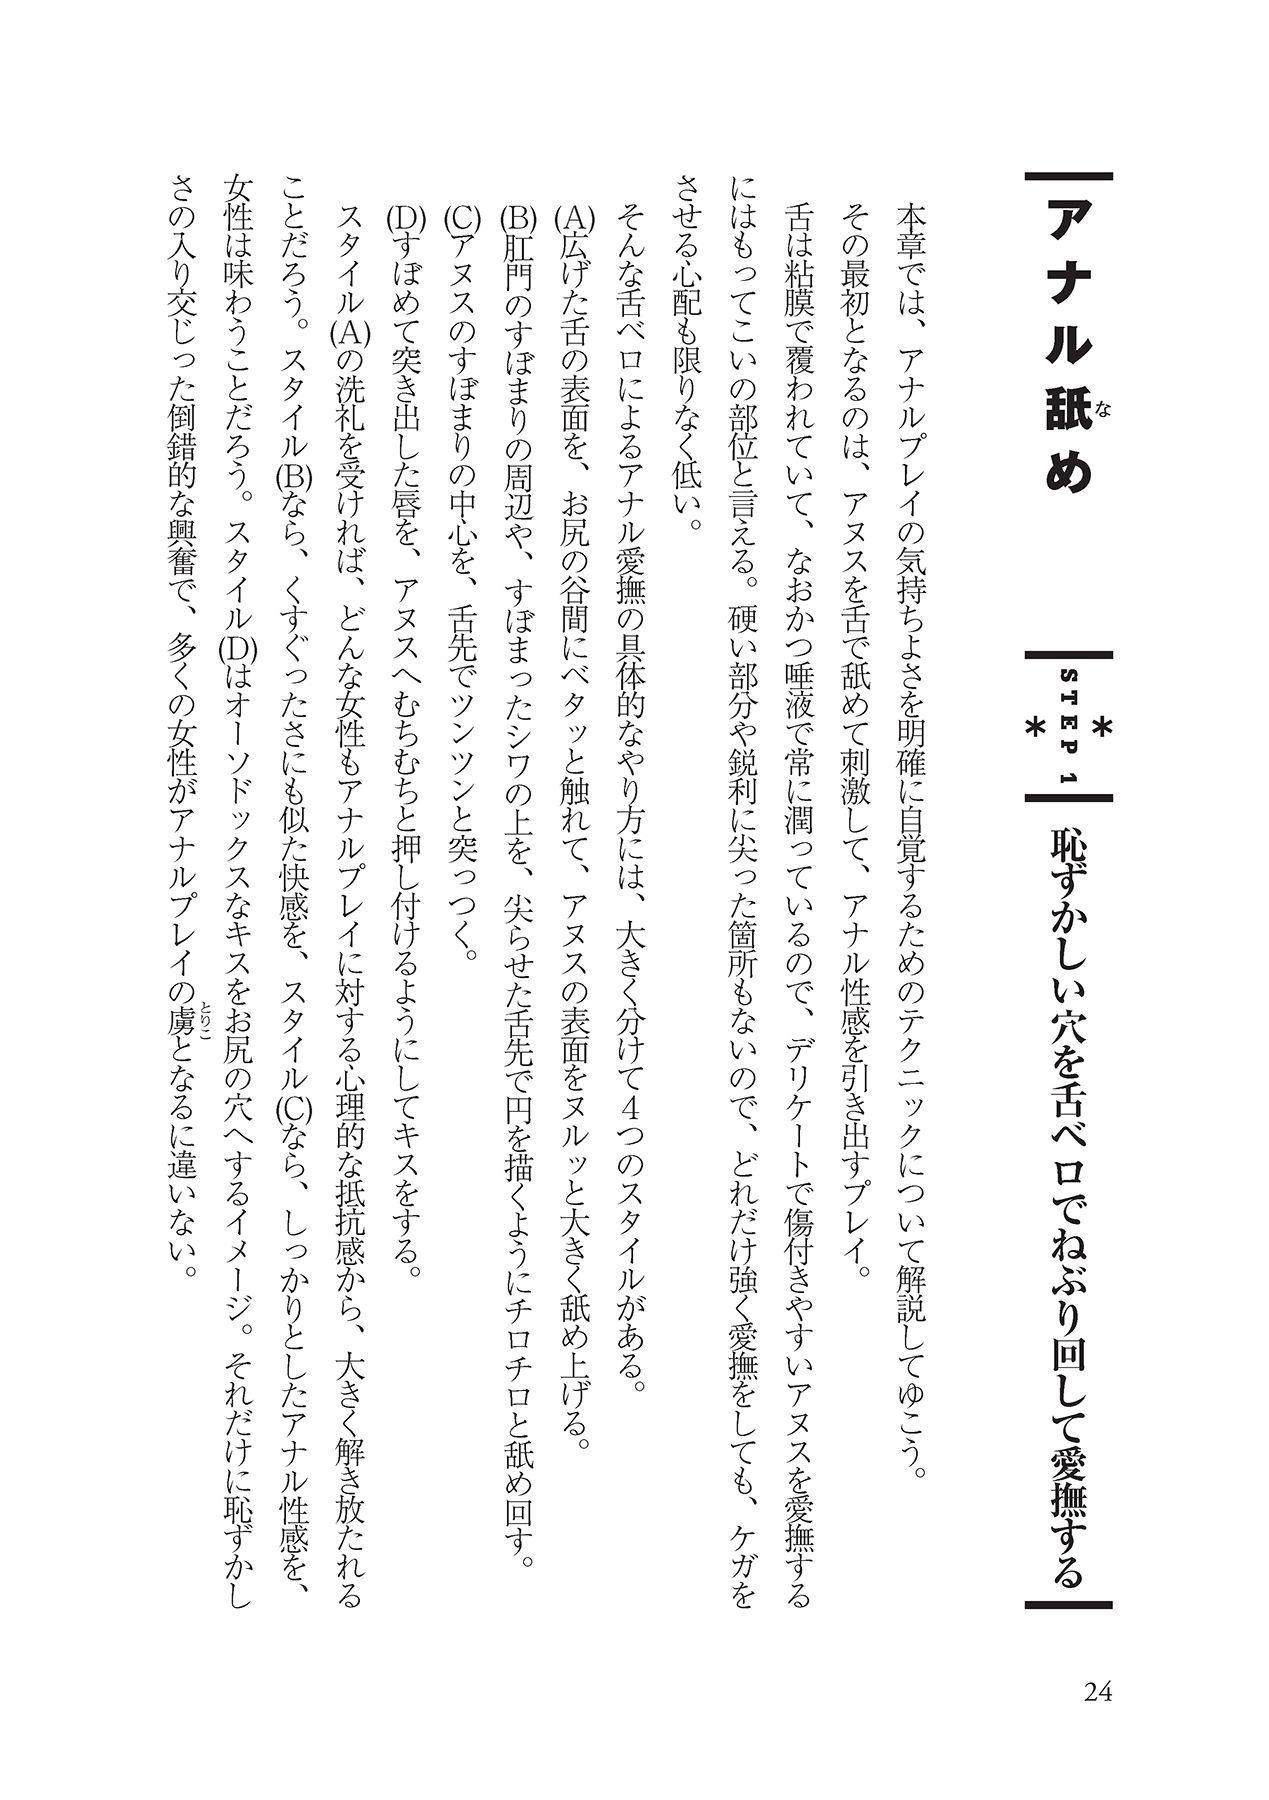 アナル性感開発・お尻エッチ 完全マニュアル 25